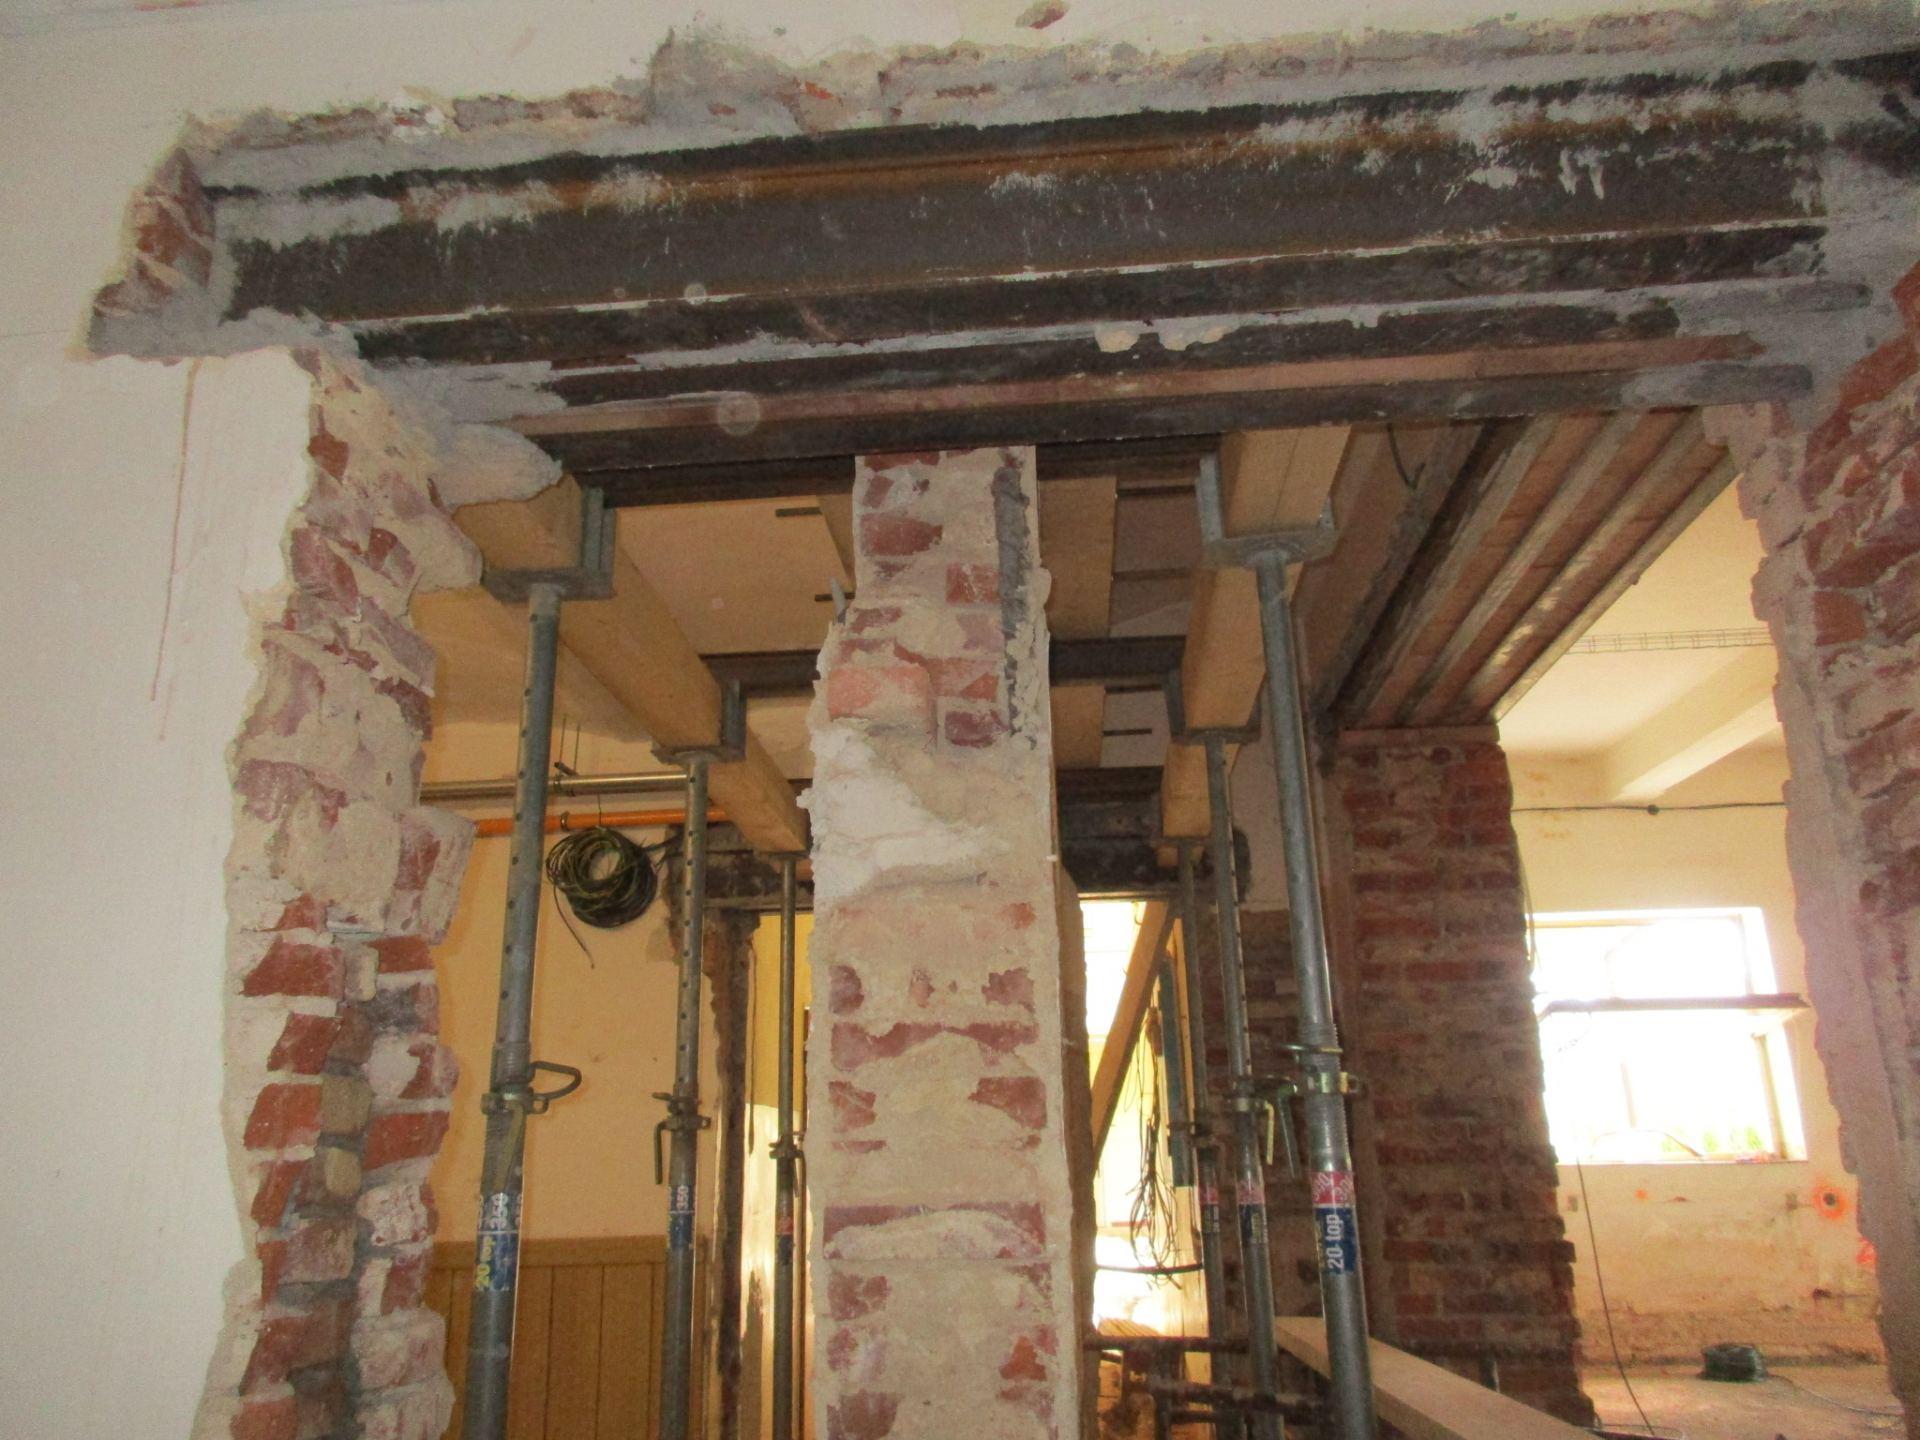 podchycení zdi pro vybudování nového průchodu na chodbě